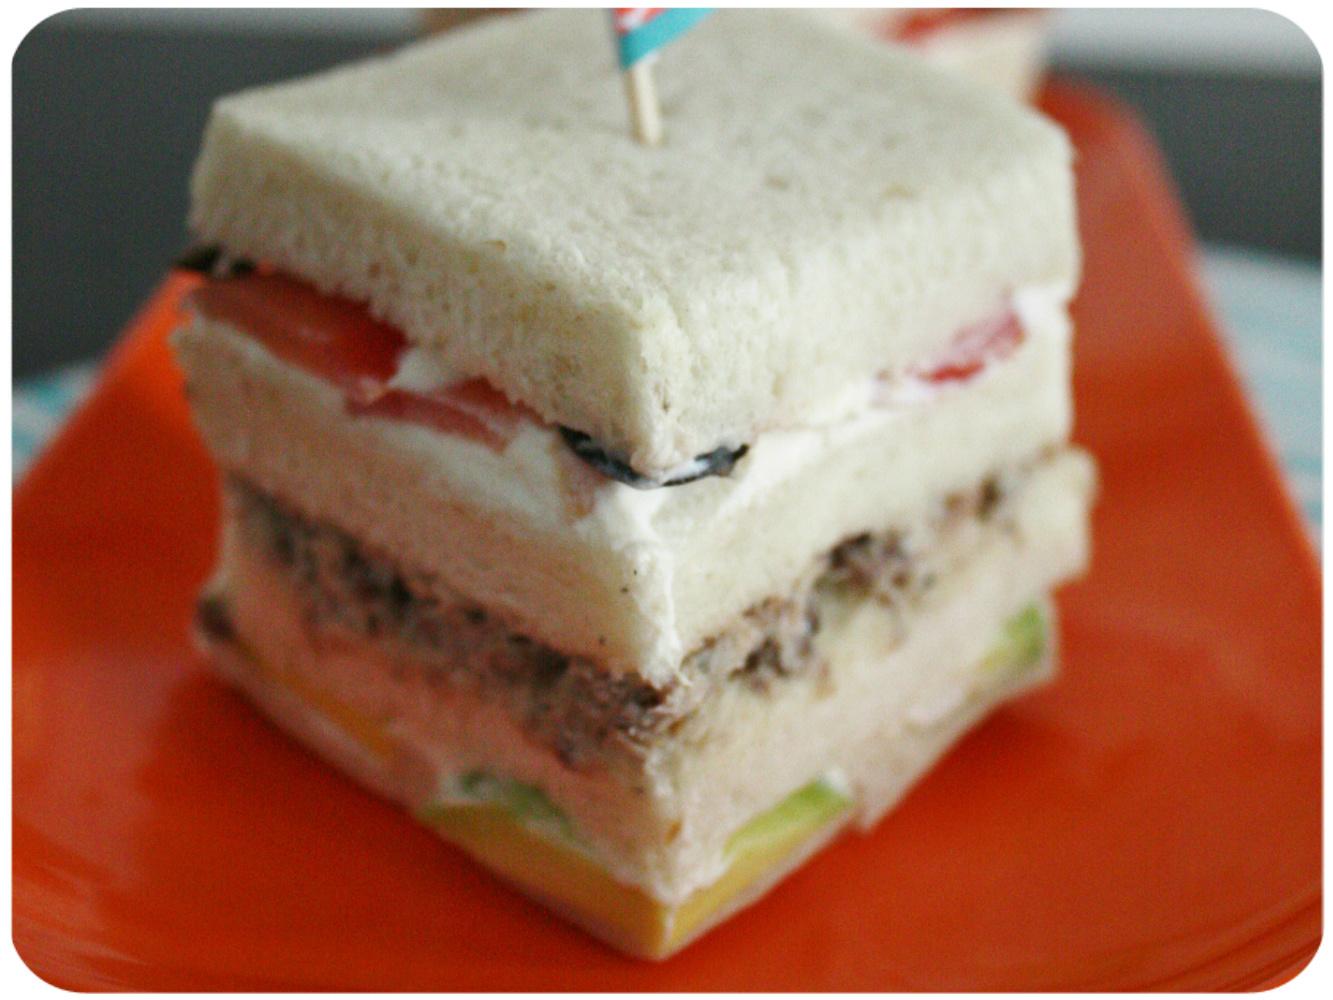 Spicy-dwichs' vitaminés {mini sandwichs au piment & concours inside}